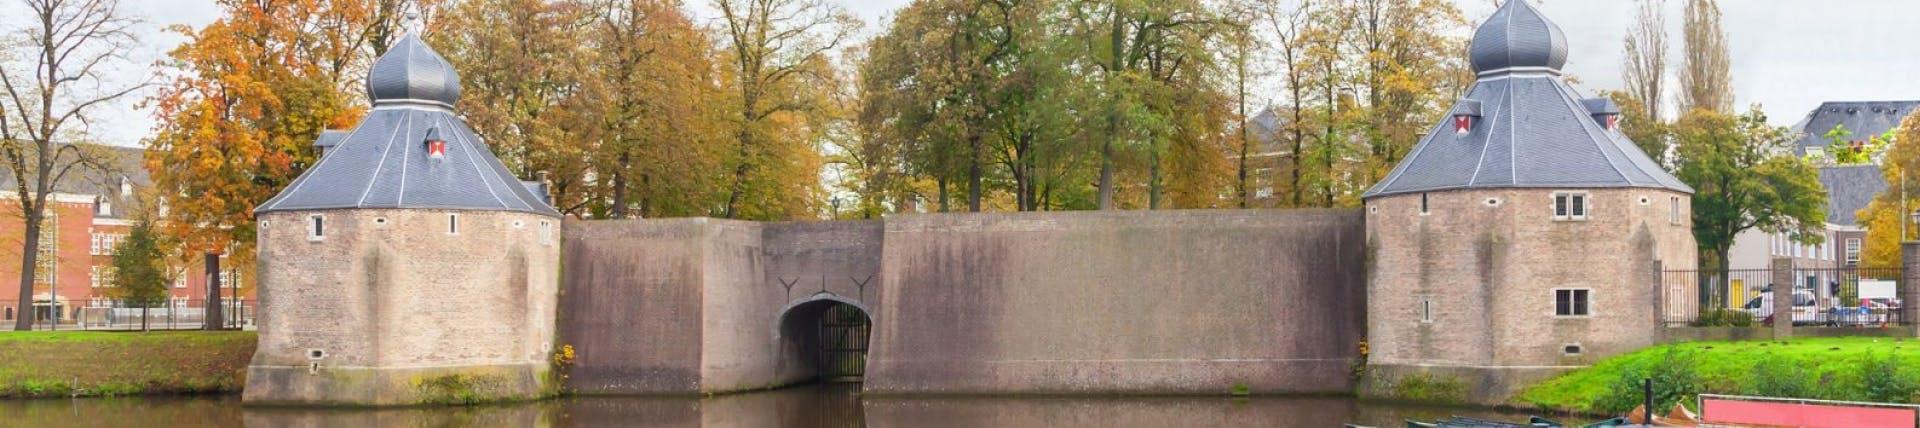 Picture of Breda